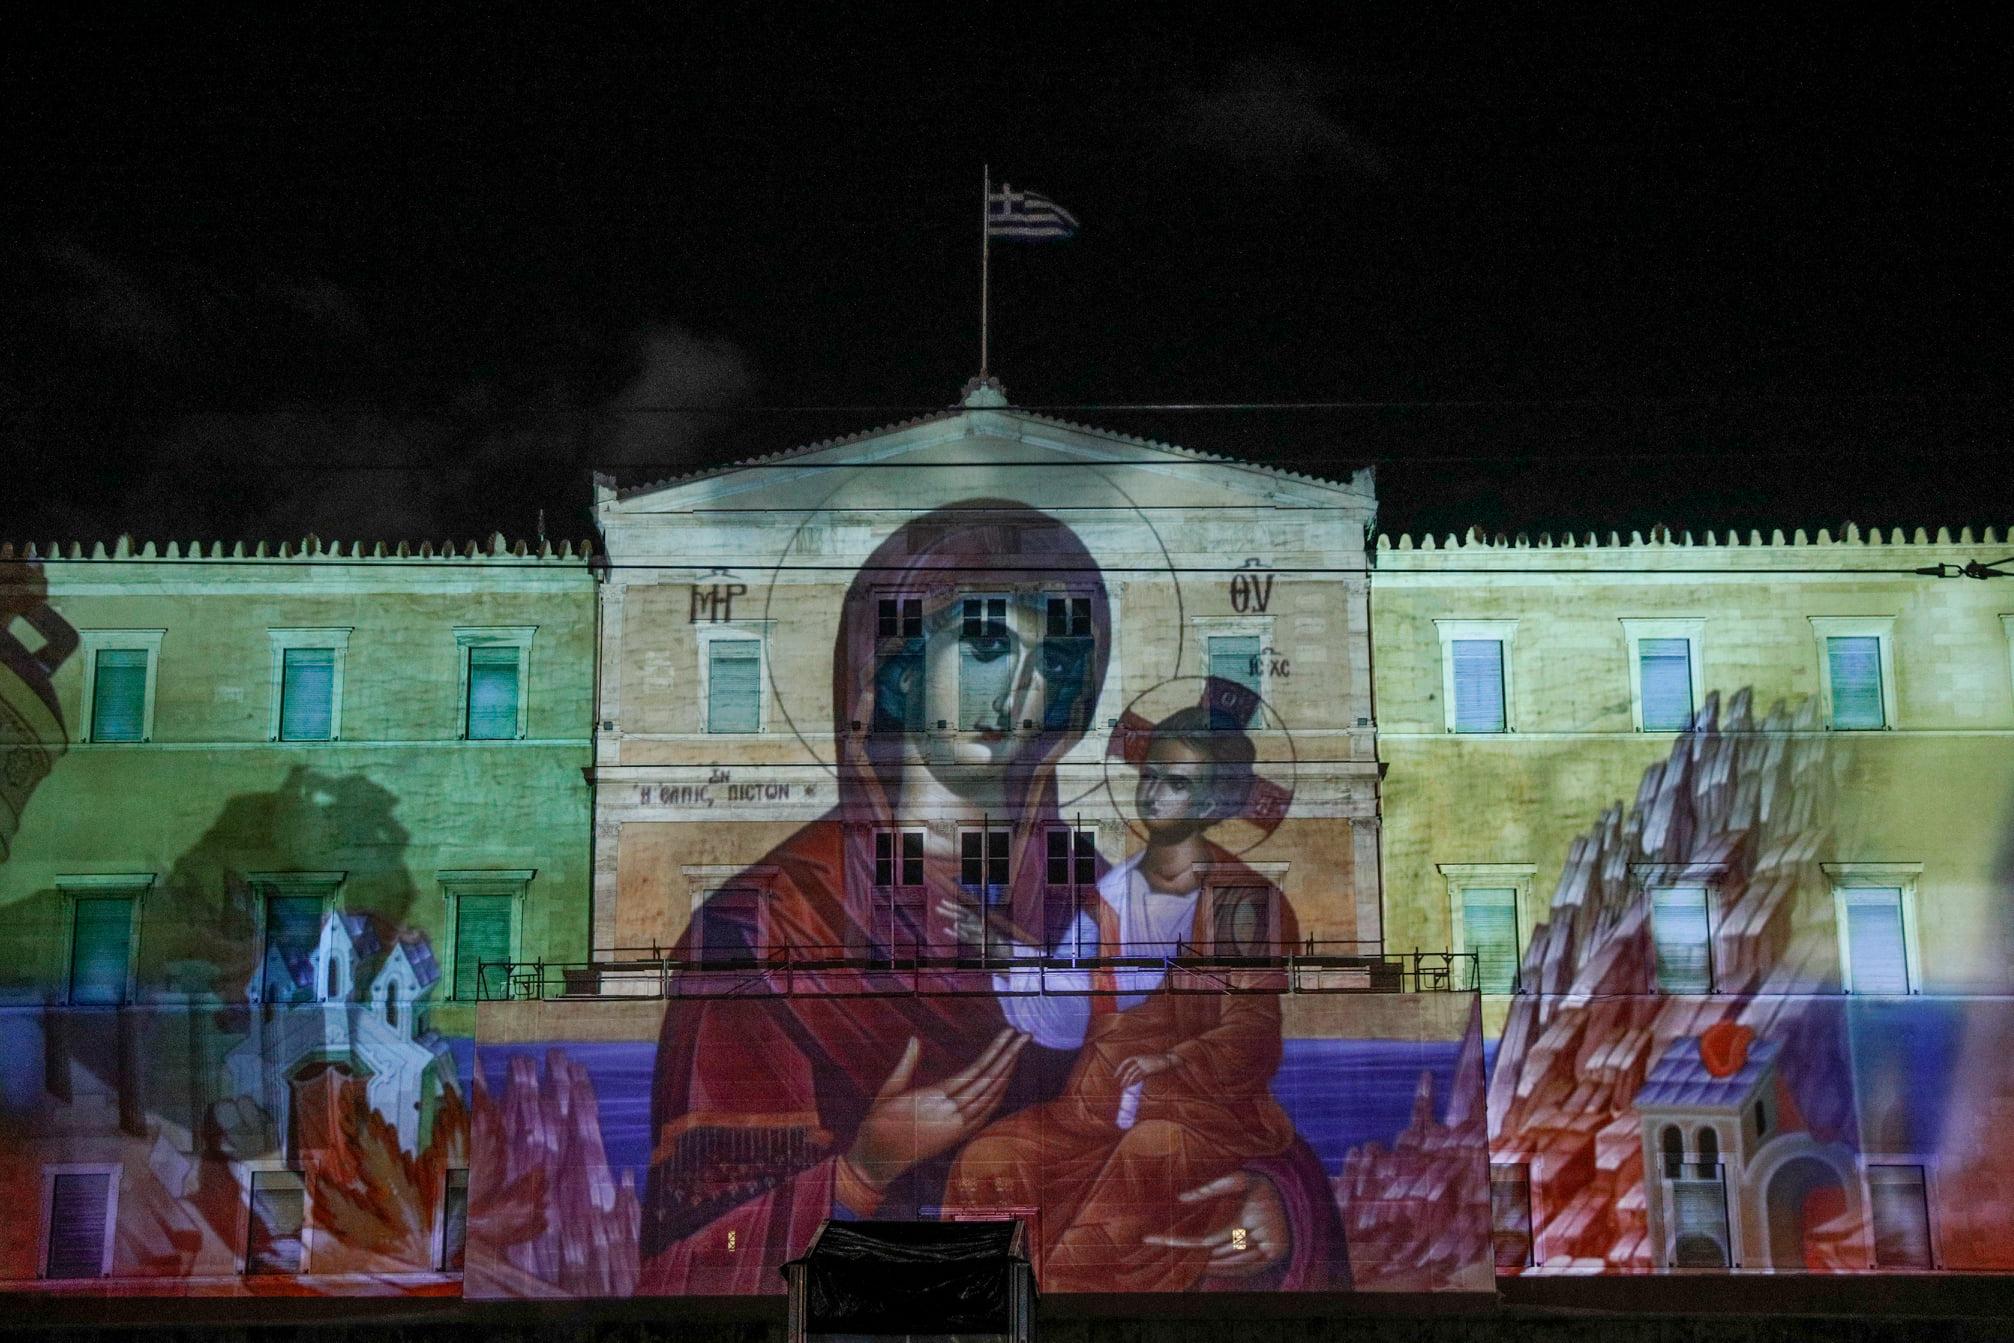 Προβολή για τις Ένοπλες Δυνάμεις και την Παναγία πάνω στο κτίριο της Βουλής  - The Press Project - Ειδήσεις, Αναλύσεις, Ραδιόφωνο, Τηλεόραση